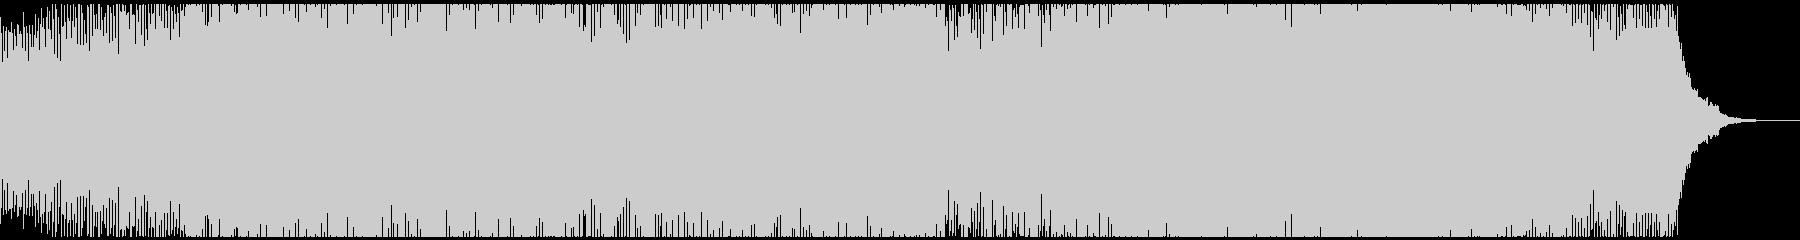 晴れ晴れしい感動的エレクトロハウスの未再生の波形